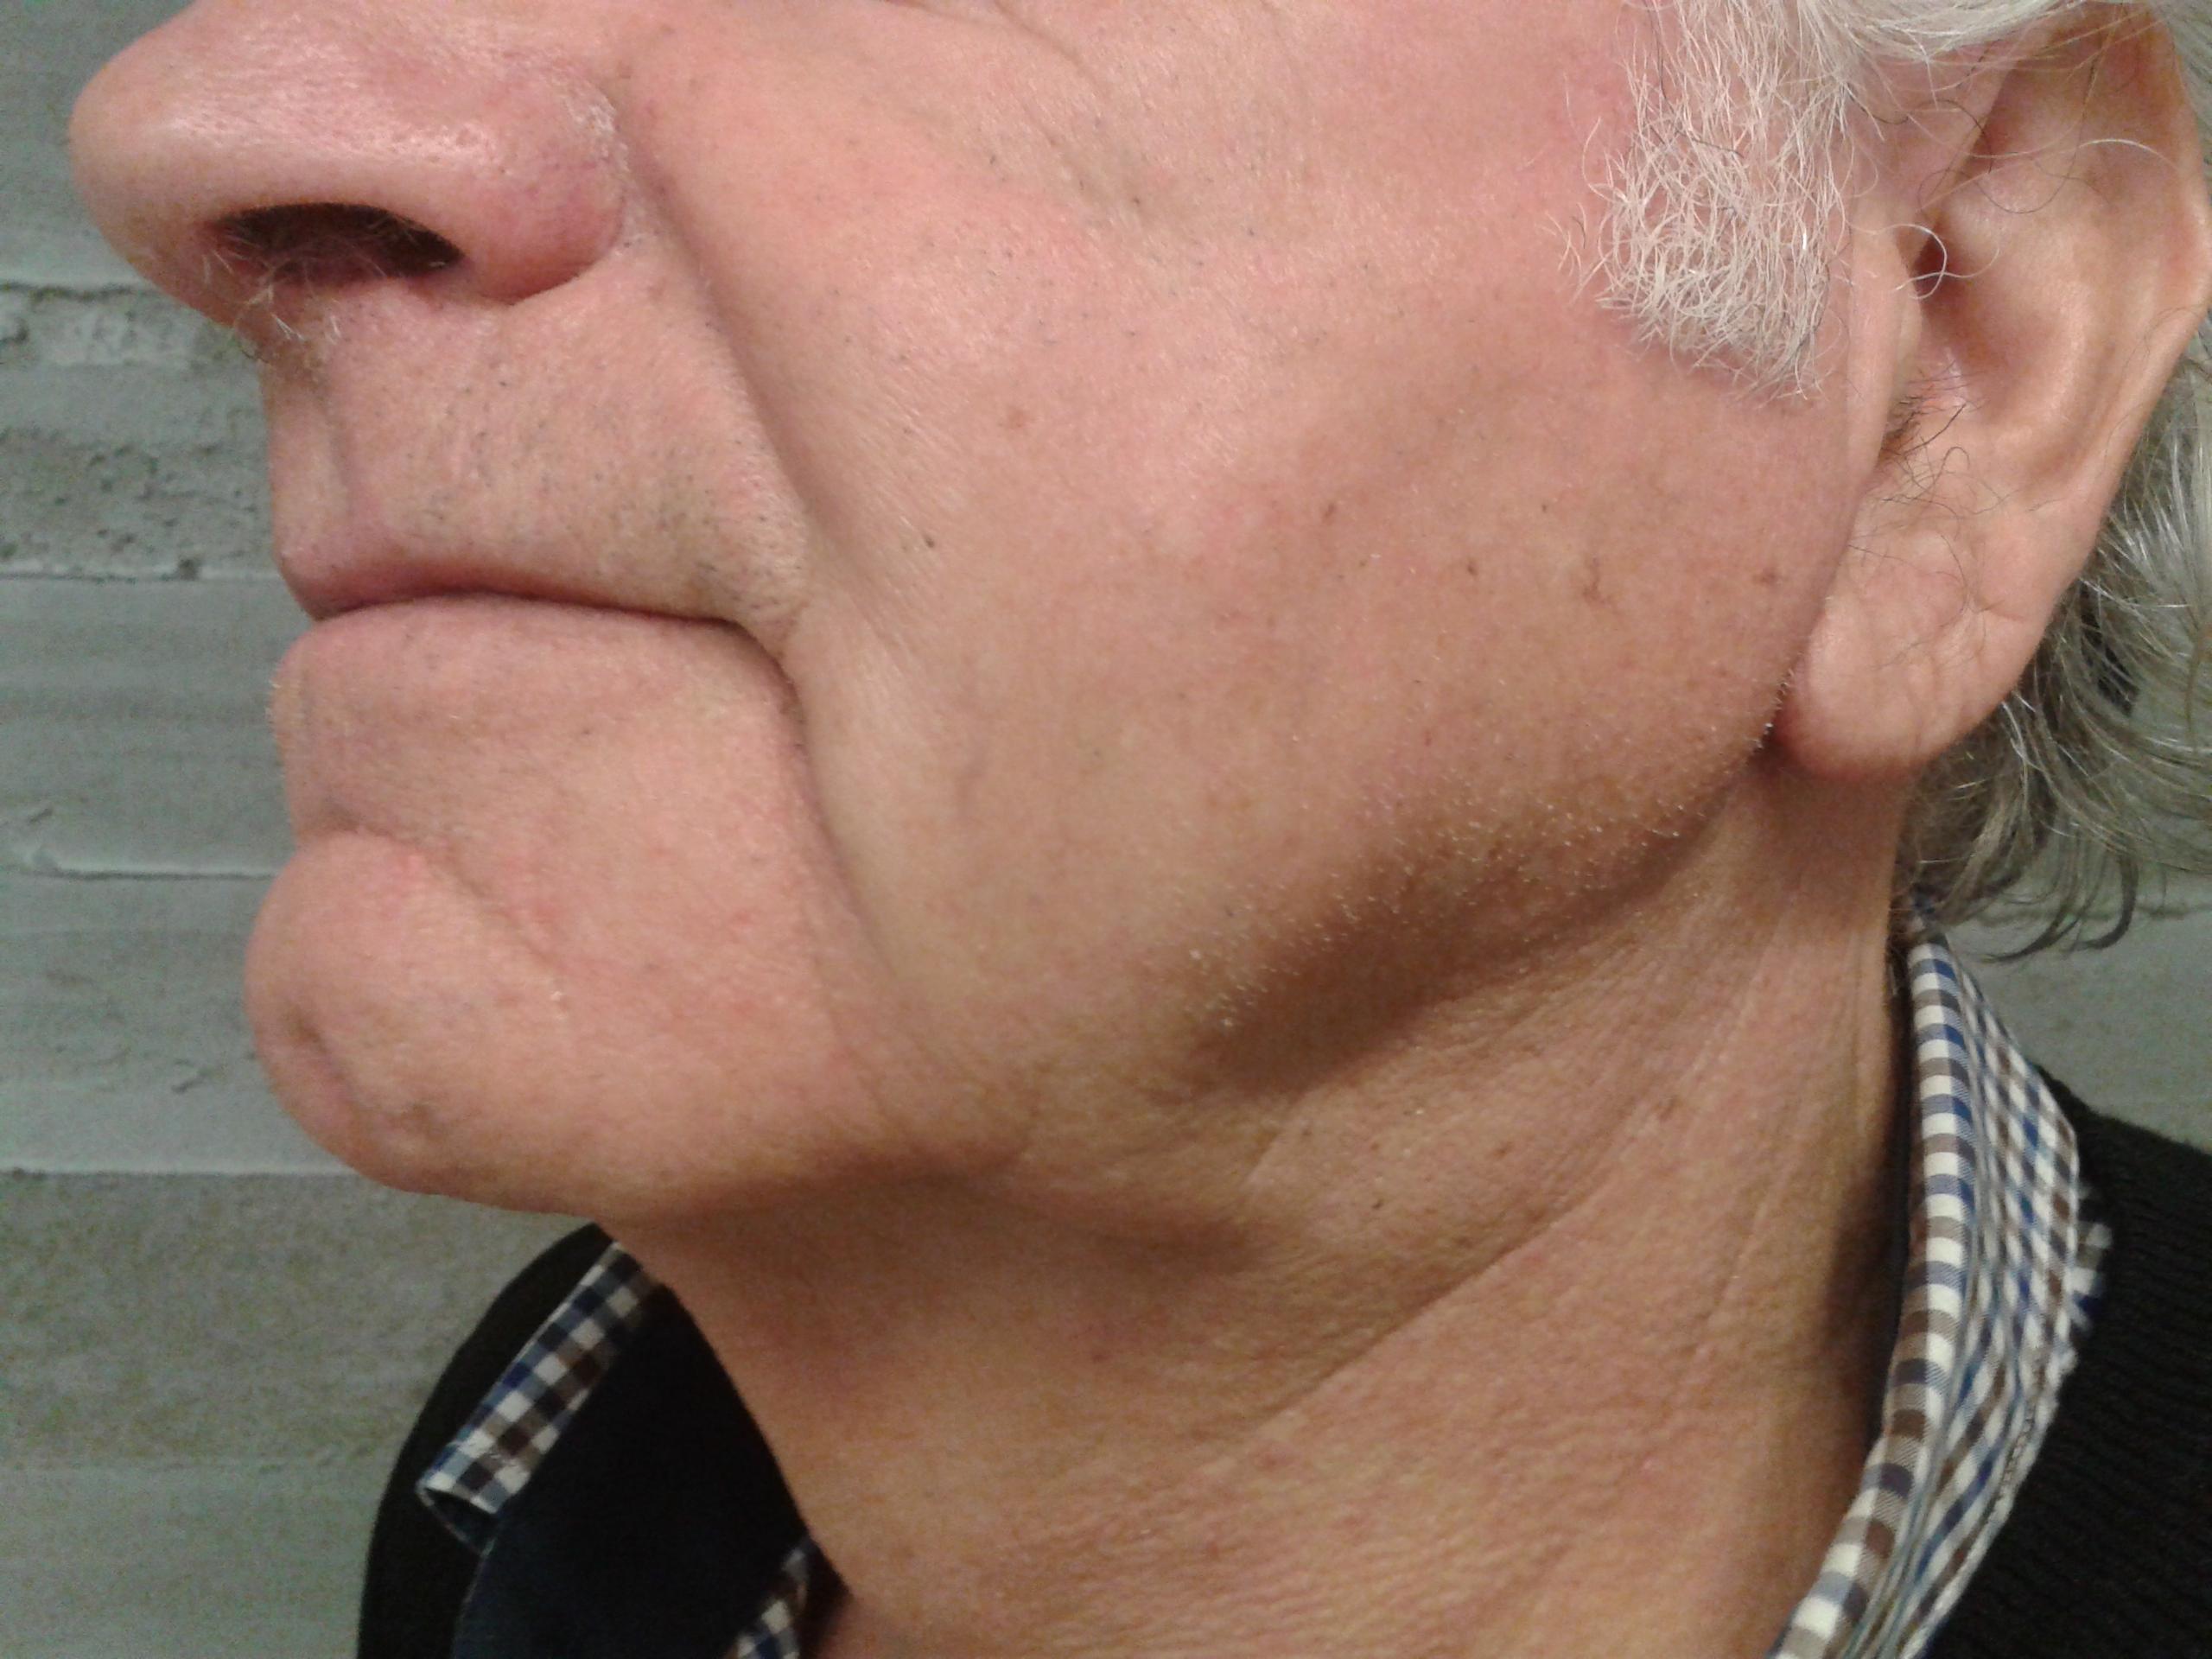 neckmeta